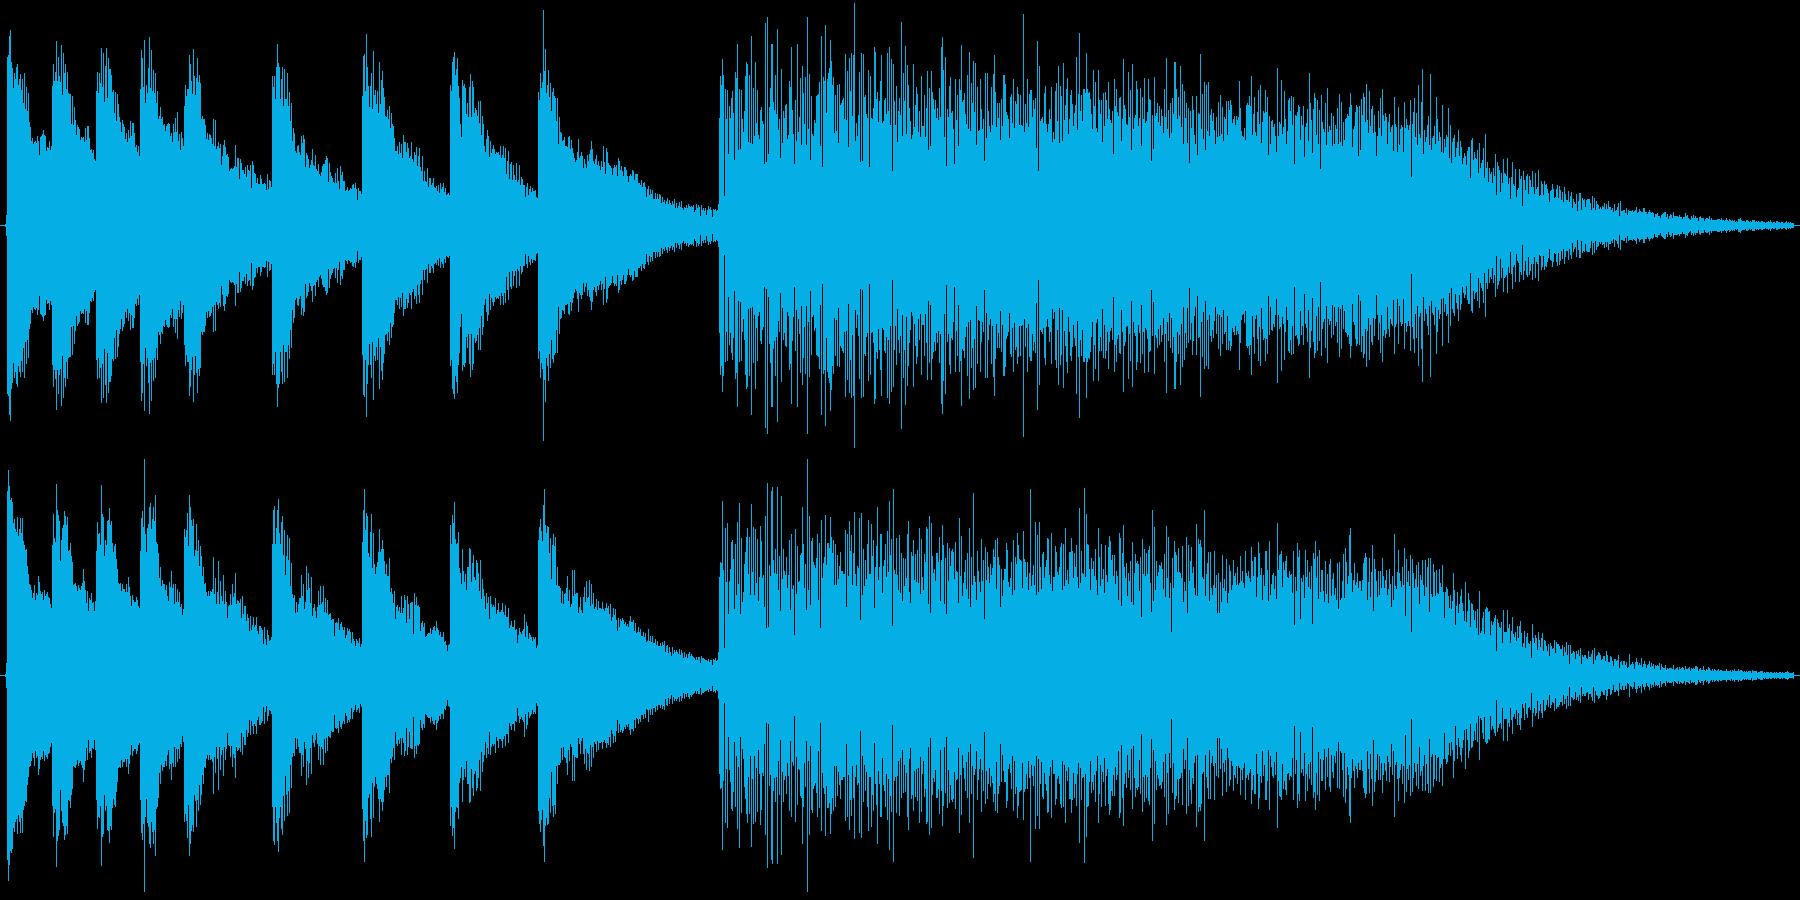 ボワワワワーン(中国風のジングル)の再生済みの波形